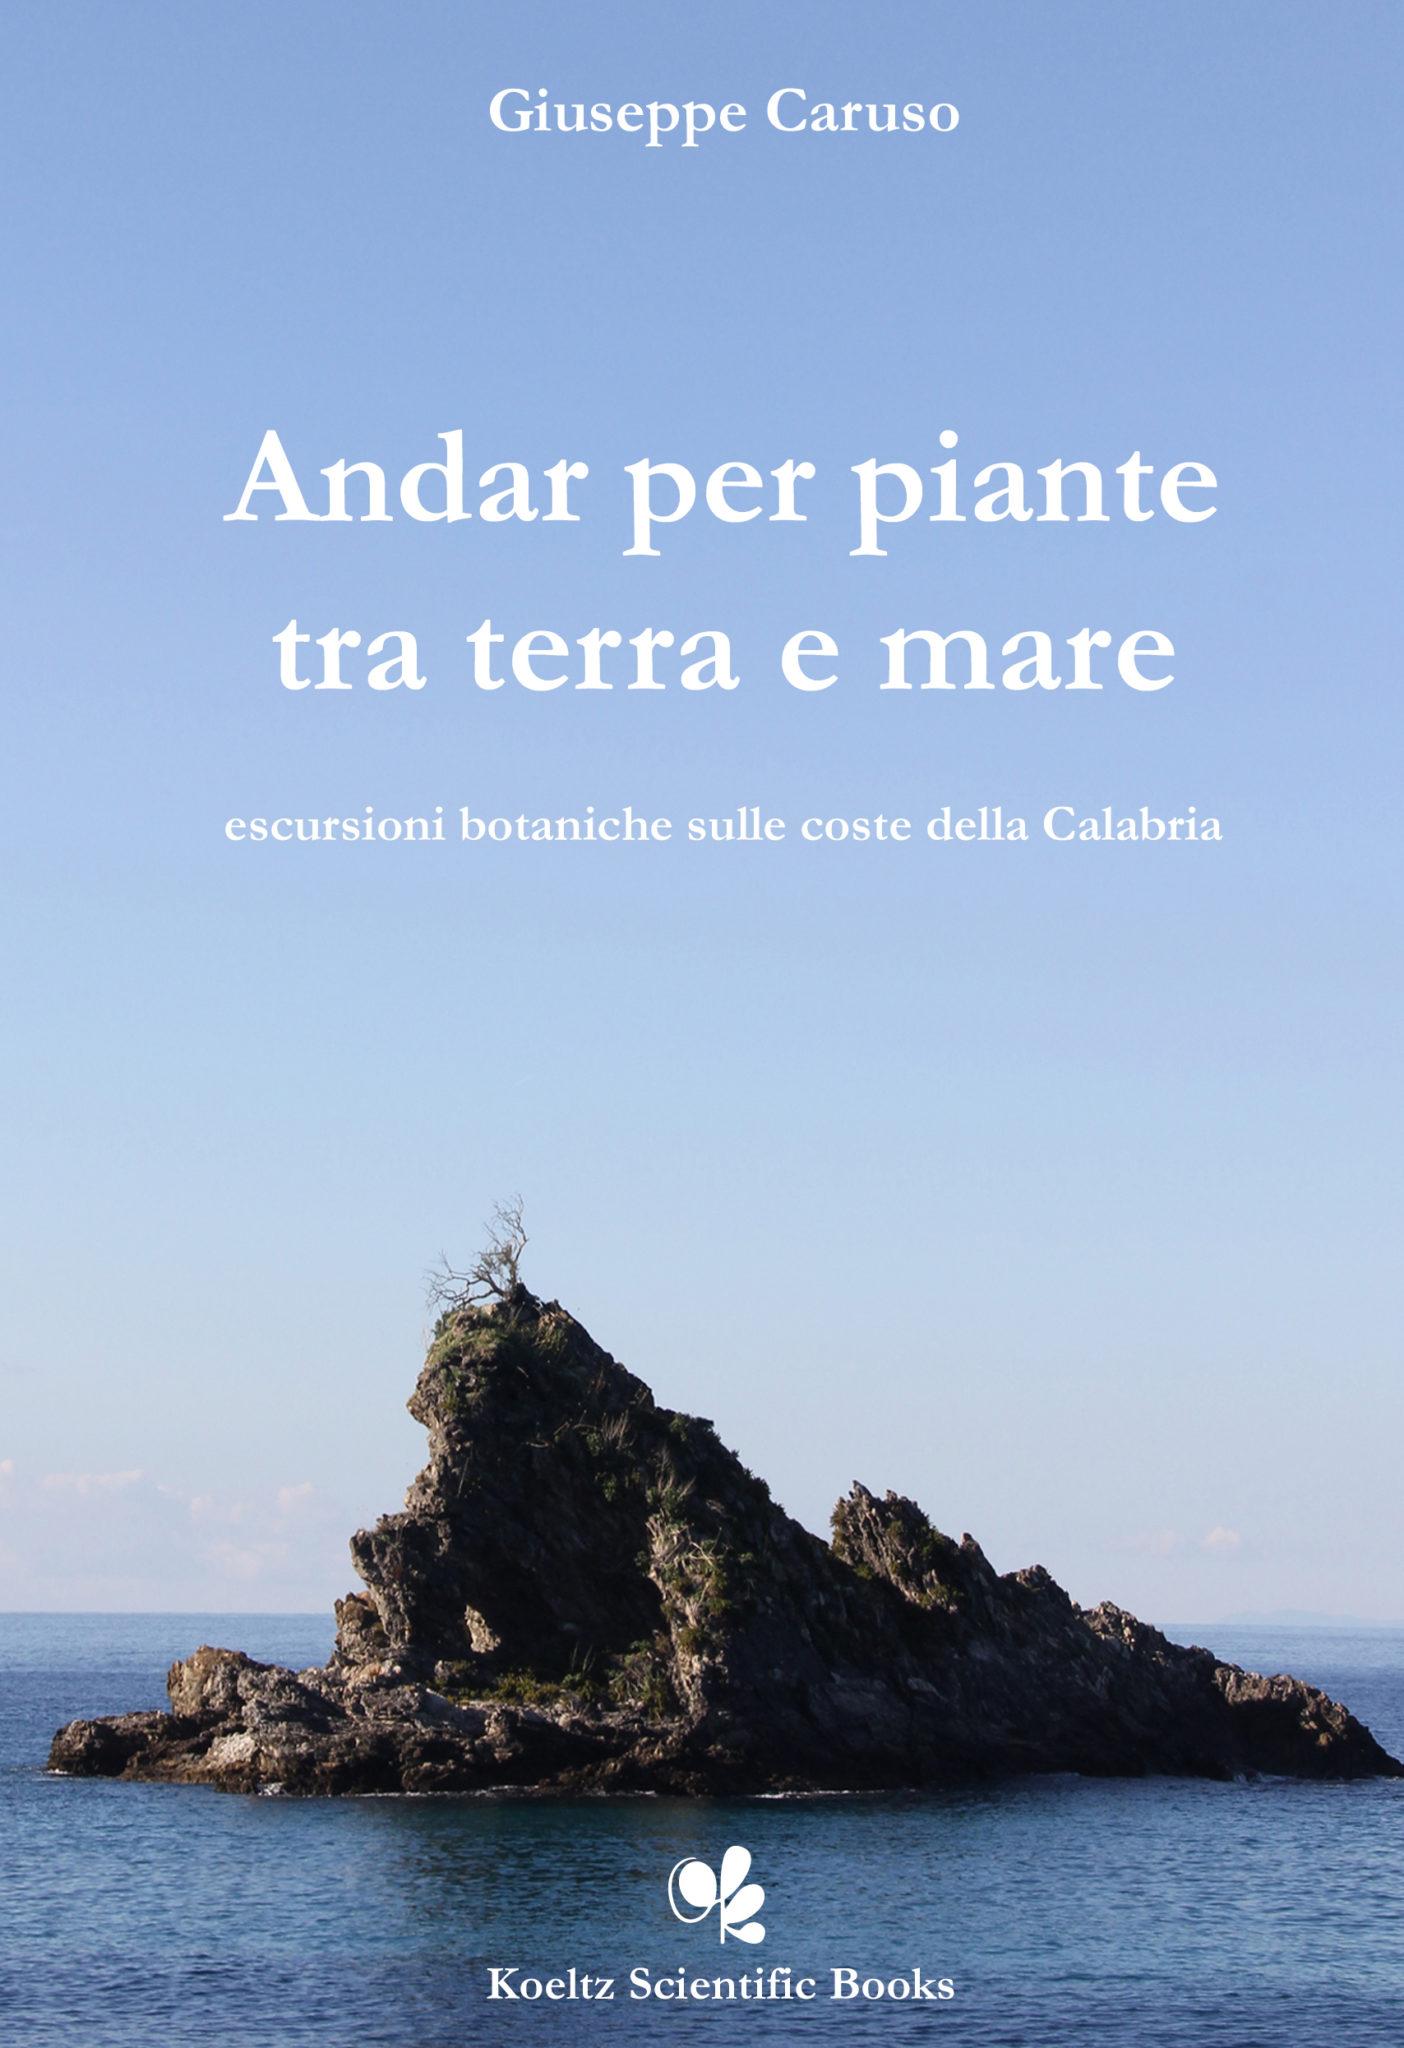 copertina_g_caruso_andar_per_piante_tra_terra_e_mare